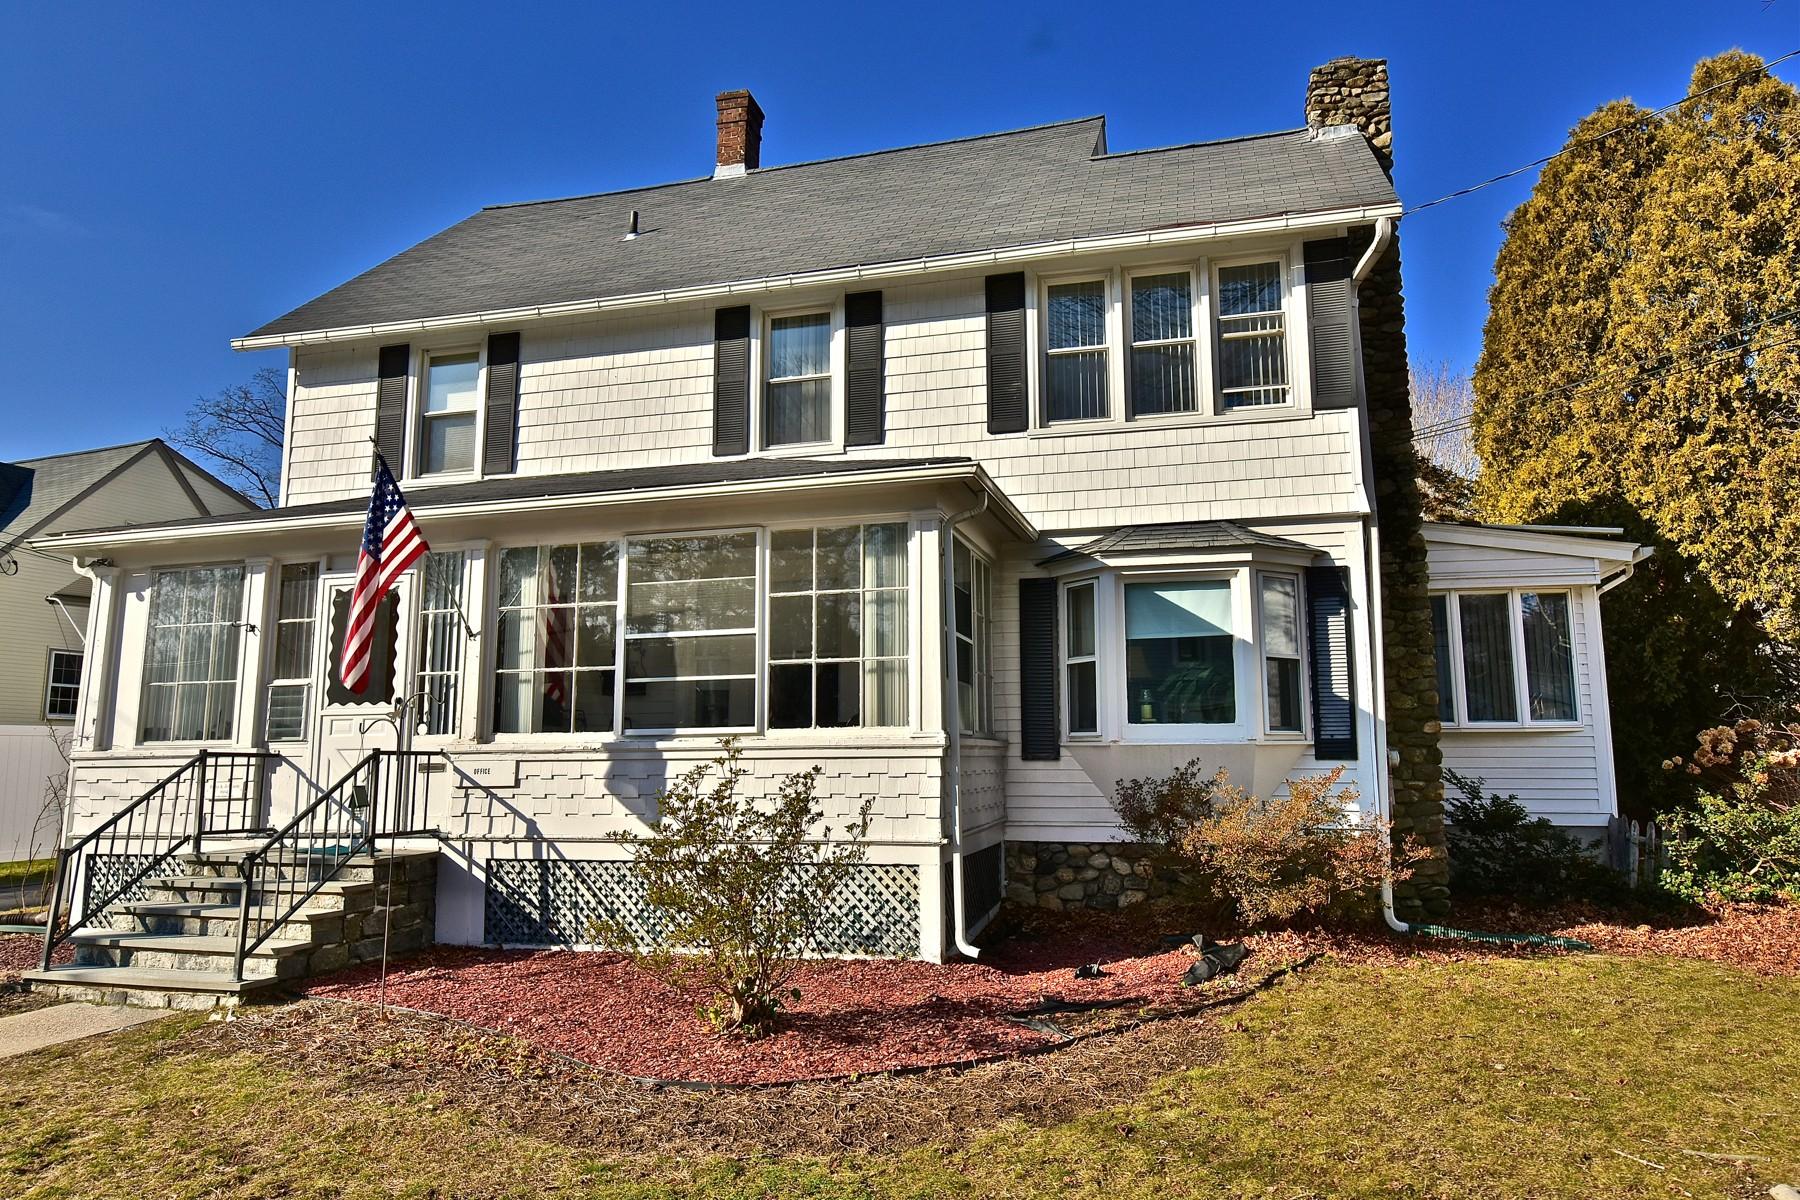 Maison unifamiliale pour l Vente à Charming Colonial in Heart of Village 14 Lafayette Ave Deep River, Connecticut, 06417 États-Unis